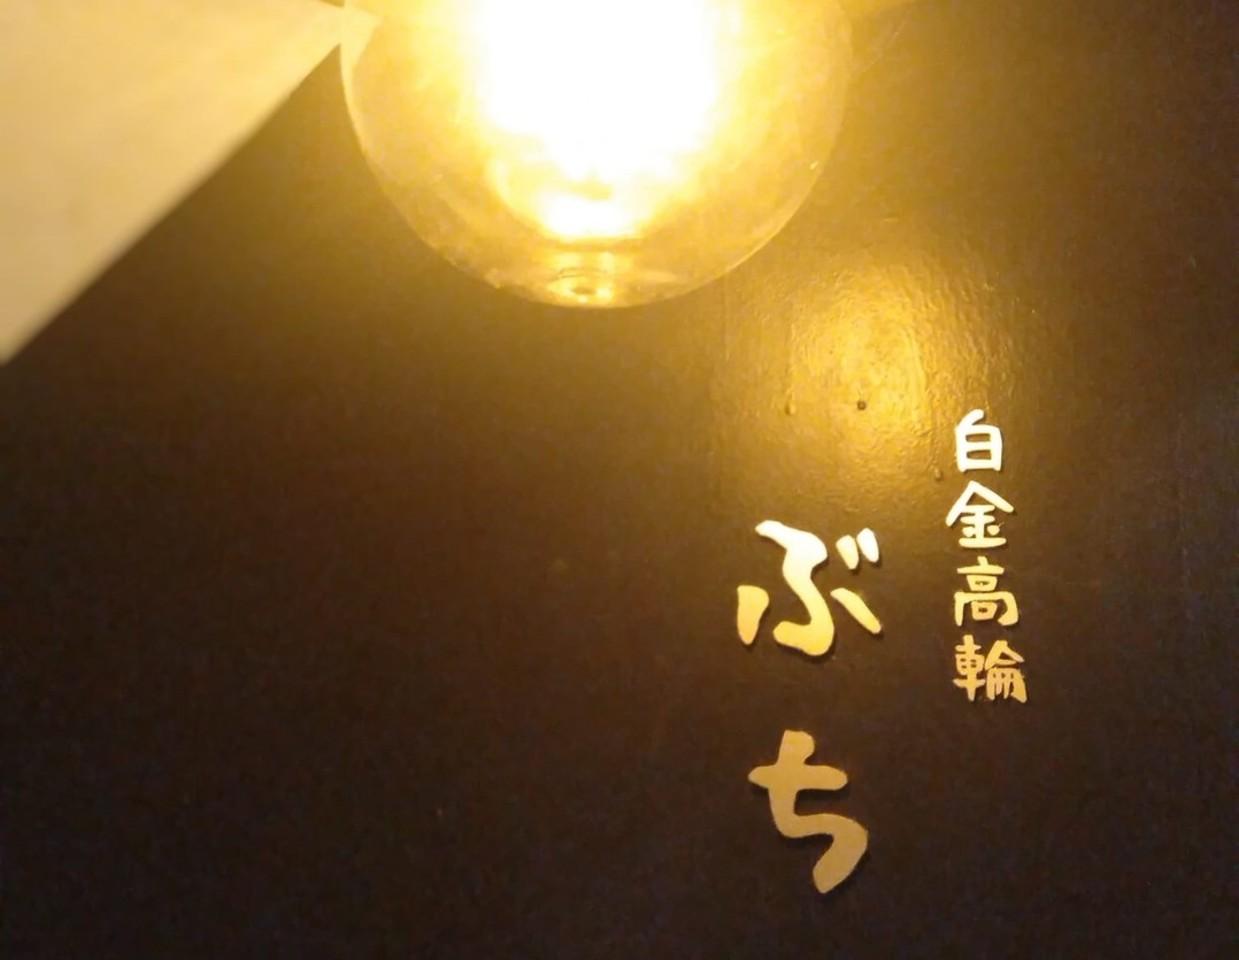 ヒルナンデスでも取り上げられた瓦そばの人気店が泉岳寺に移転オープン!